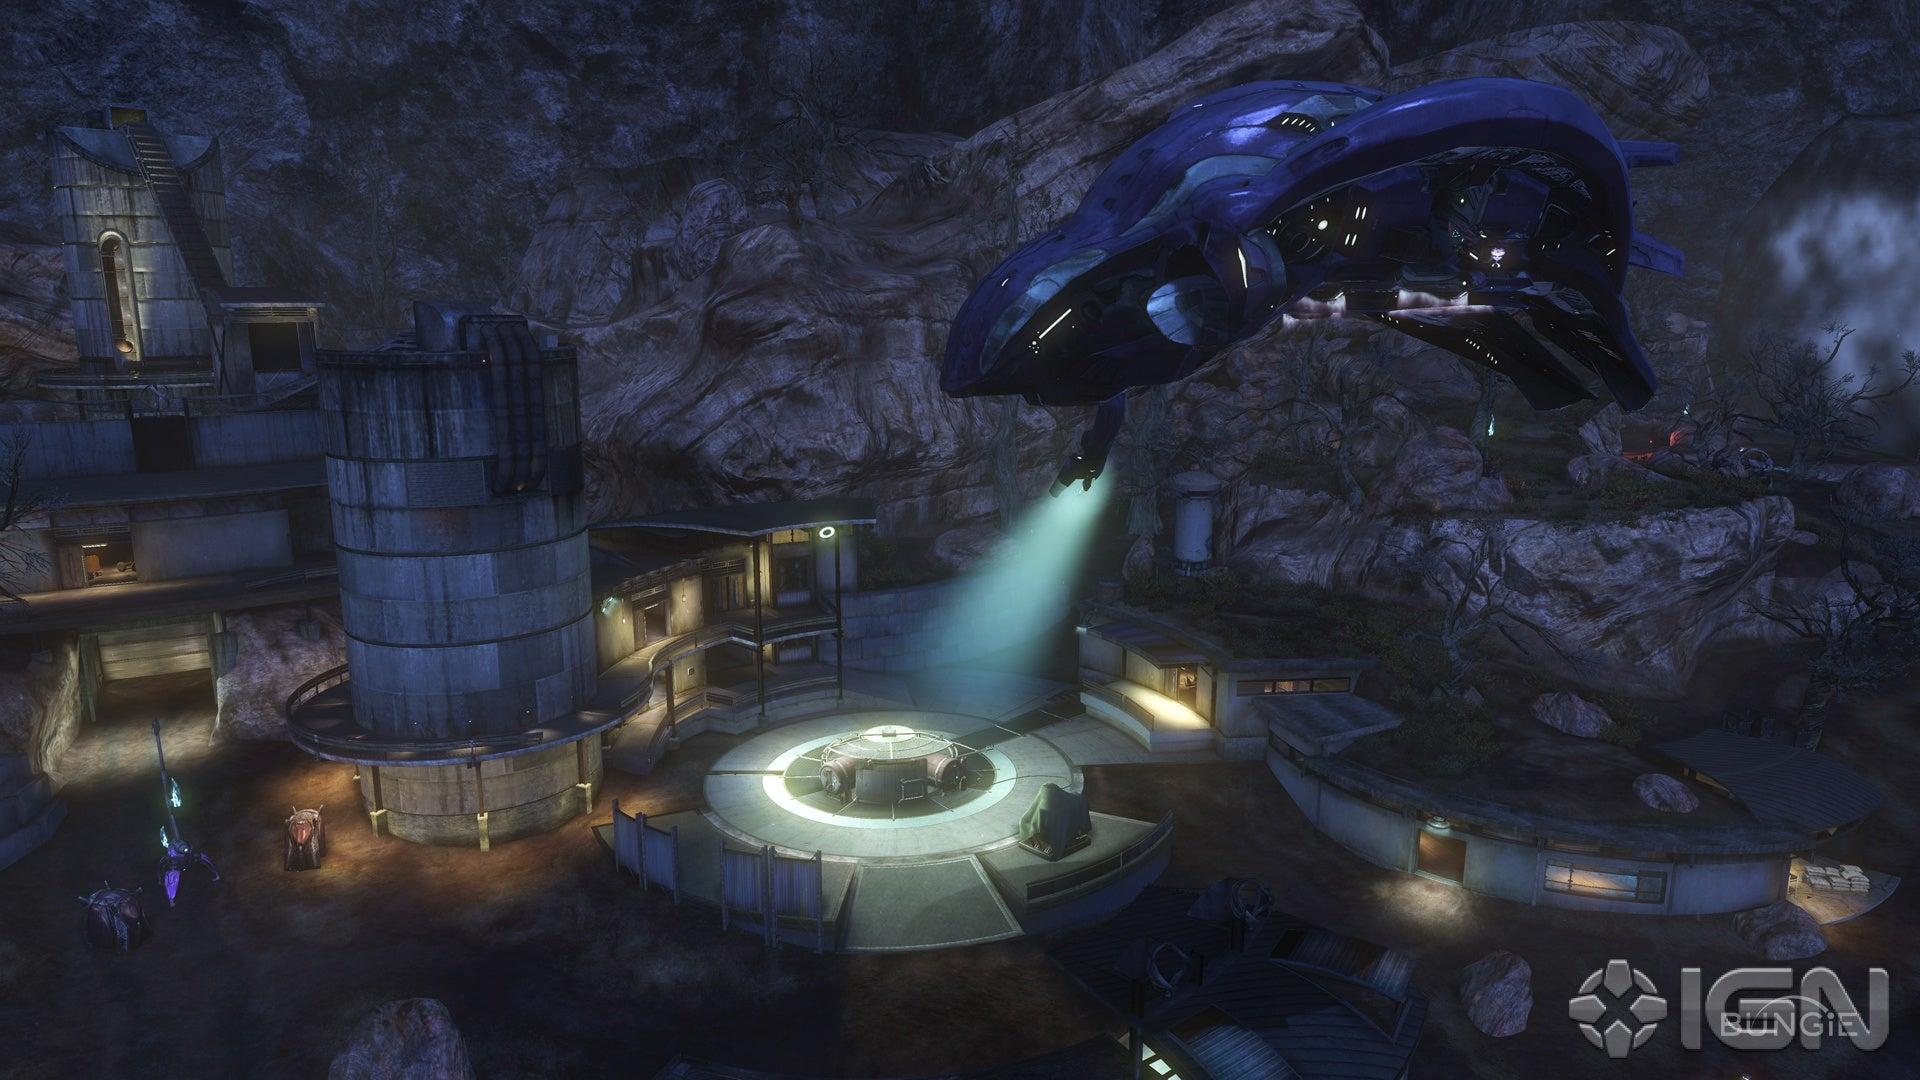 Campagne de Halo Reach (Coop/Niveaux/Soluce/Campaign/Solo/Ending/Mission/Combat Spatial/Durée de Vie/Guide/Coopération/Offline/Espace/Space/Battle) Halo-reach-20100125052035777